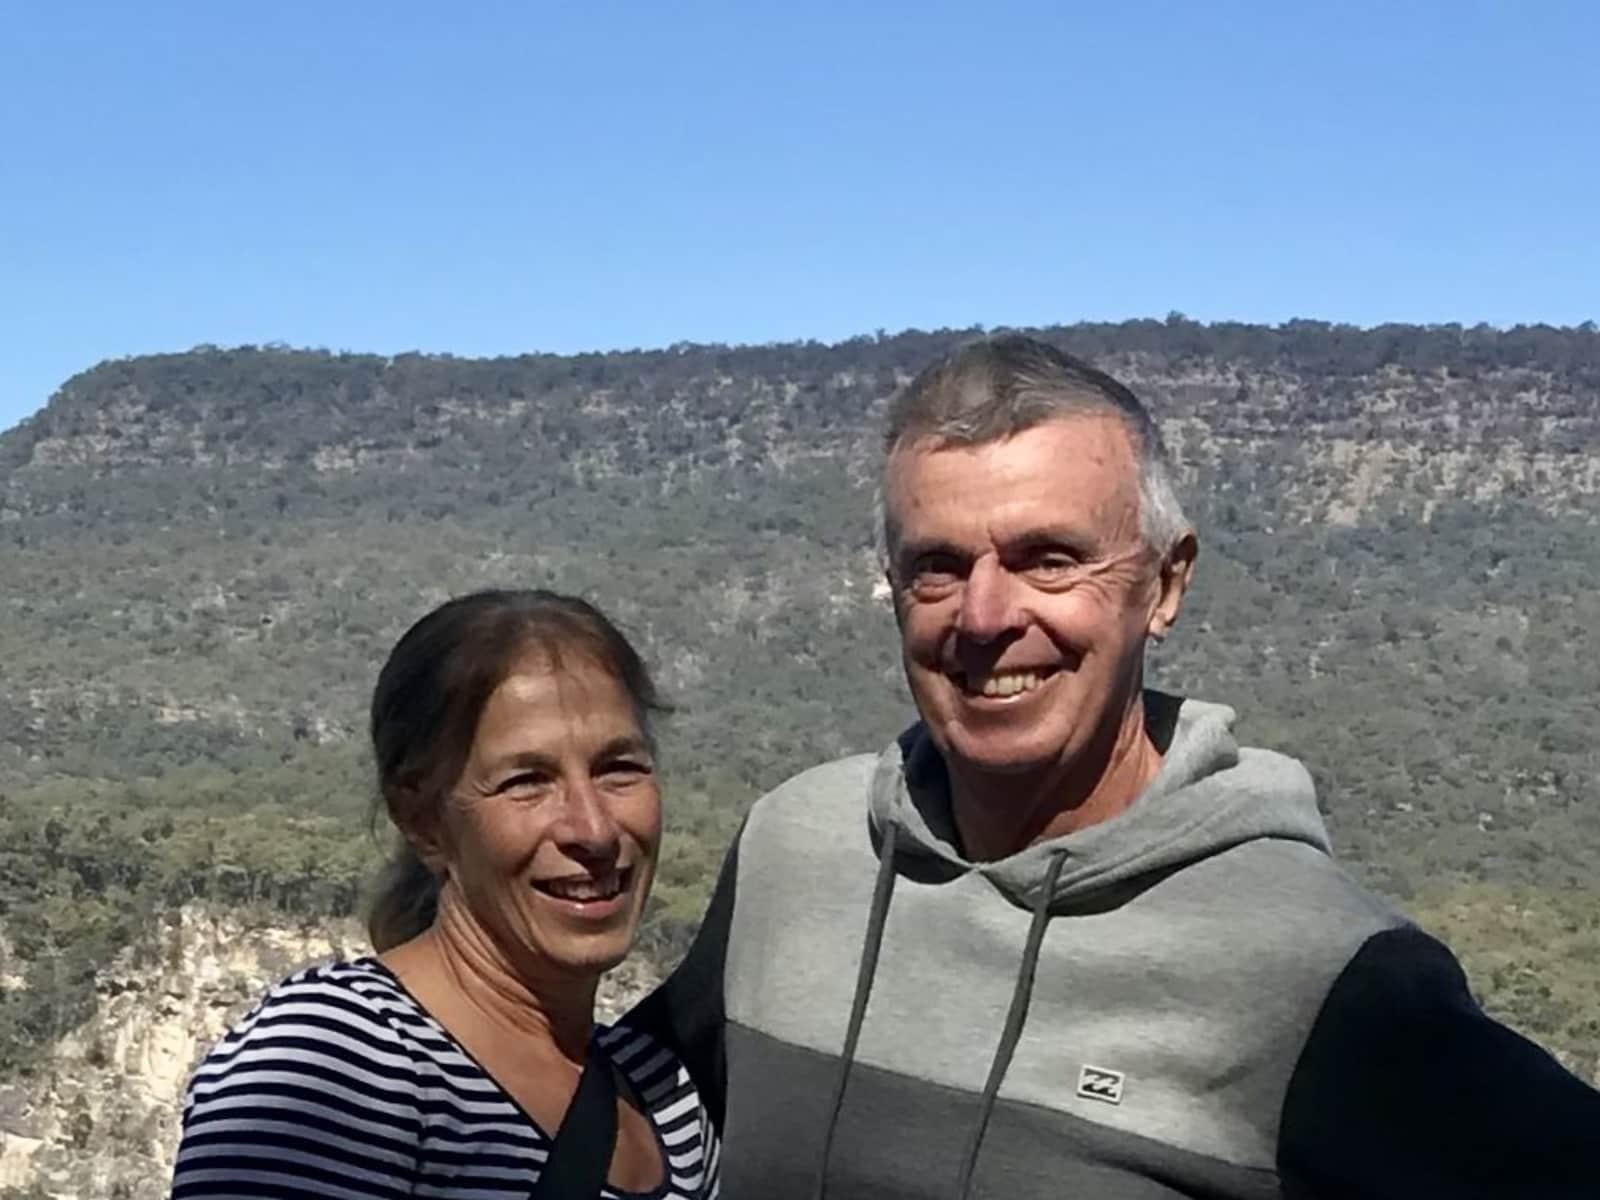 Mark & Debbie from Caloundra, Queensland, Australia